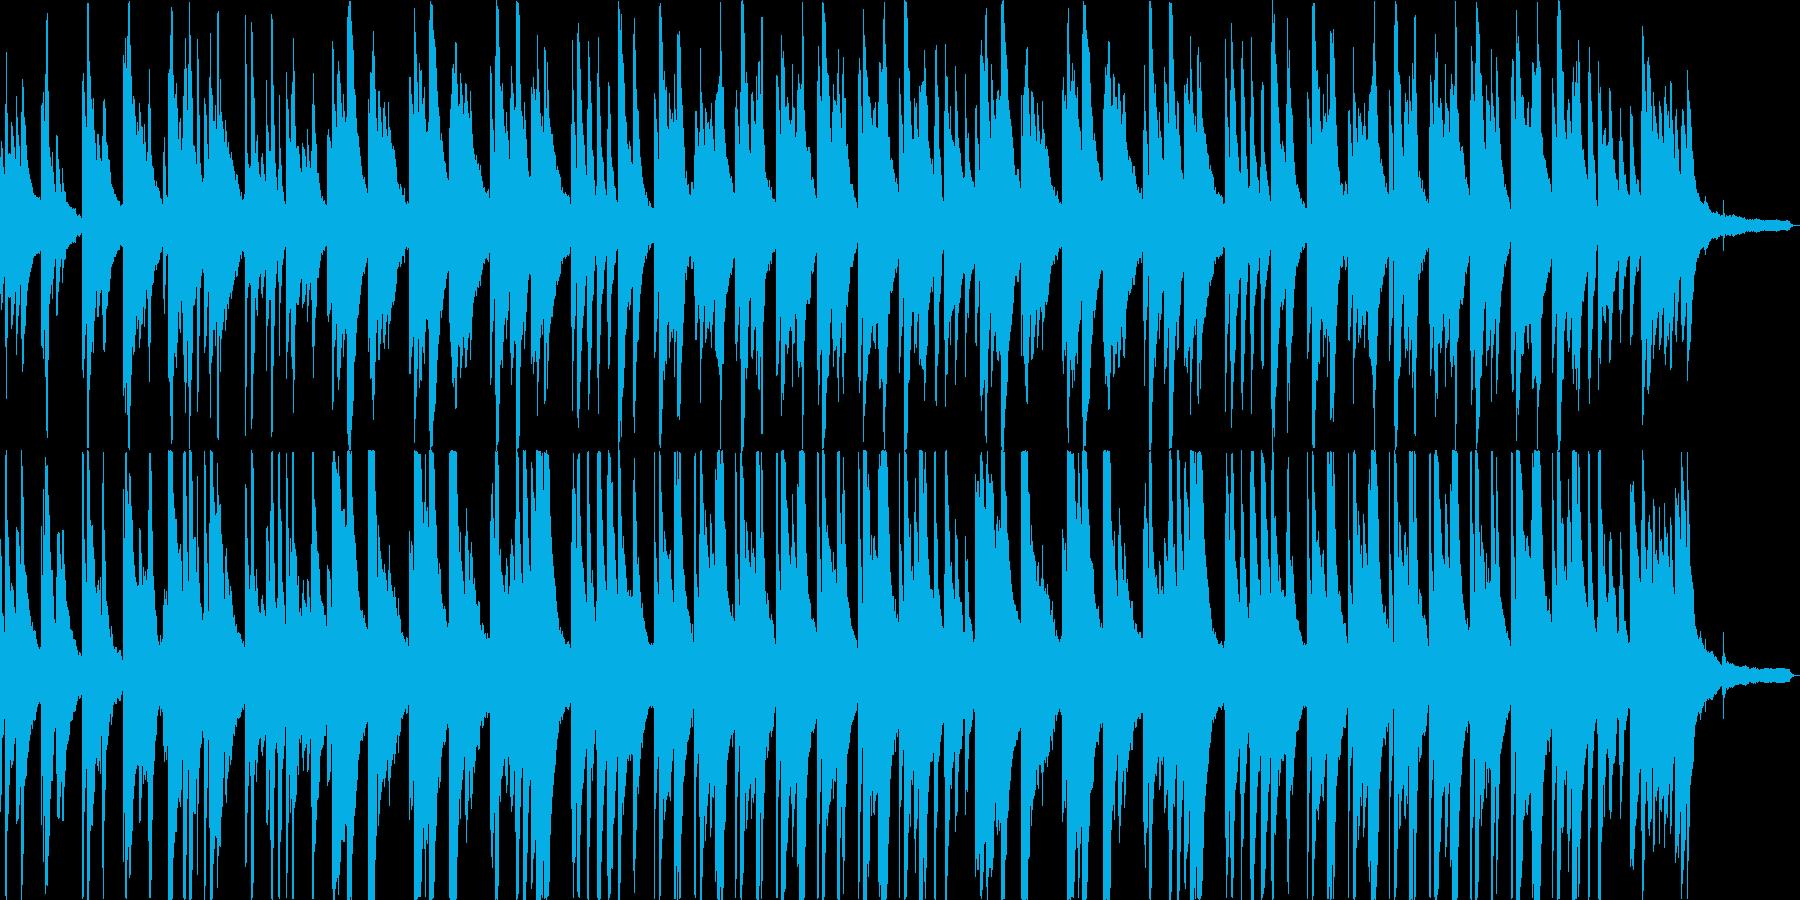 悲しみに包まれるピアノバラードの再生済みの波形